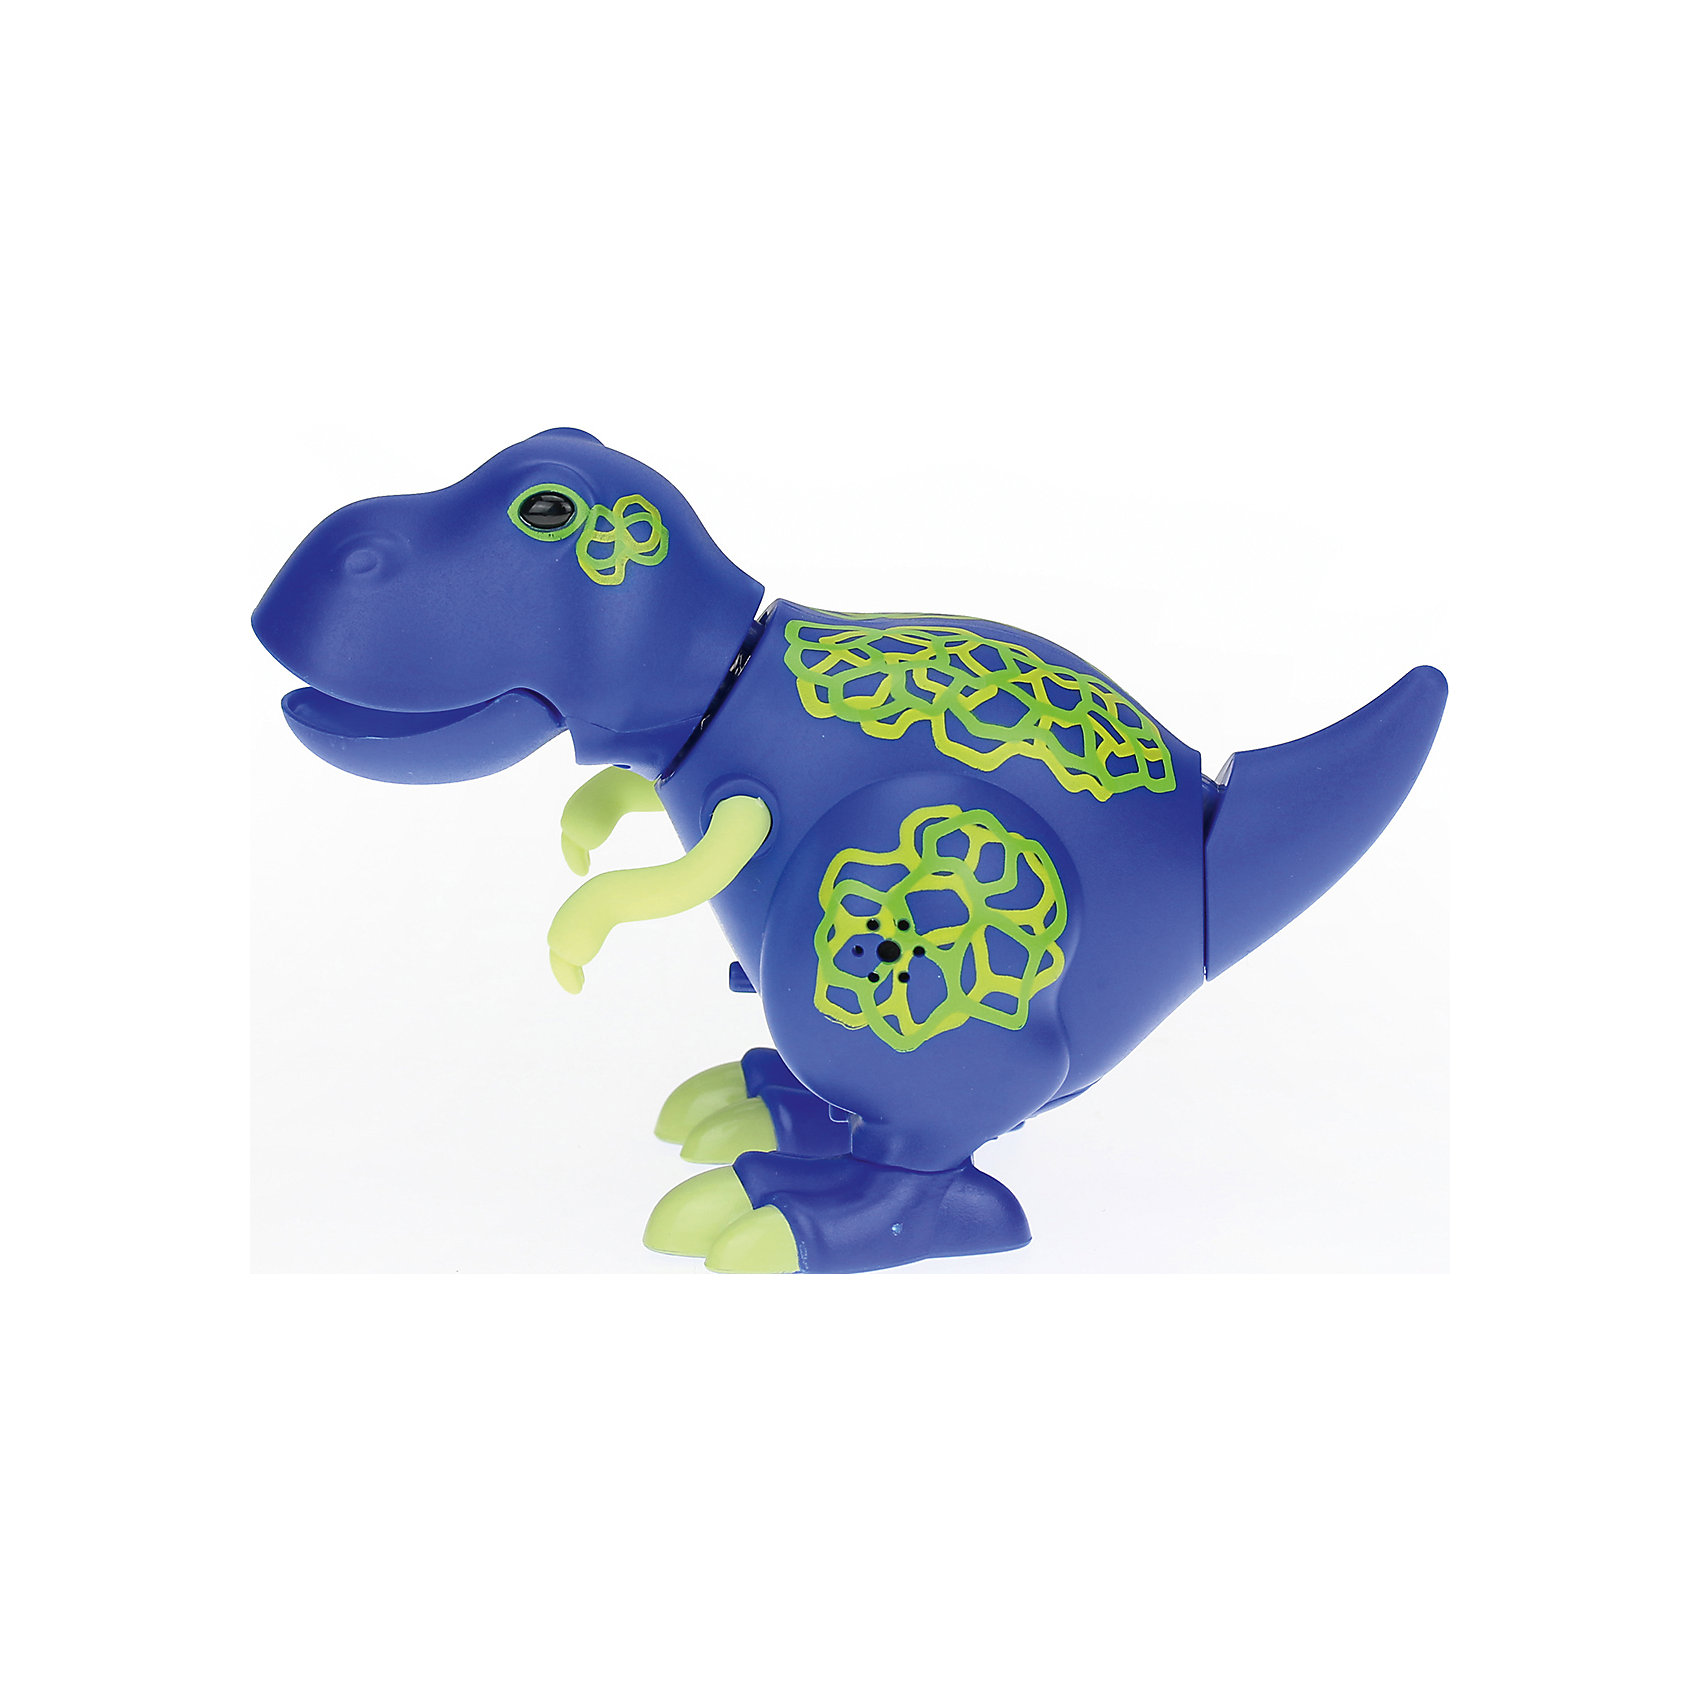 Динозавр Troy, синий с желтыми когтями, DigiBirdsИнтерактивные животные<br>Характеристики товара:<br><br>- цвет: синий;<br>- материал: пластик, металл;<br>- батарейки: 3xAG13/LR44, в комплекте;<br>- размер упаковки: 16x13x7 см;<br>- габариты игрушки: 6,5x10x15 см;<br>- умеет петь, рычать, шевелить головой и хвостом.<br><br>Такая игрушка в виде динозавра поможет ребенку весело проводить время - динозавр умеет петь, рычать, шевелить головой и хвостом. Это выглядит очень забавно! Игрушка реагирует на звук от специального свистка, который входит в комплект. Также можно приобрести другие игрушки из этой серии - тогда они будут петь хором!<br>Динозавр способен помогать всестороннему развитию ребенка: развивать тактильное восприятие, мелкую моторику, воображение, внимание и логику. Изделие произведено из качественных материалов, безопасных для ребенка. Набор станет отличным подарком детям!<br><br>Динозавр Troy, синий с желтыми когтями, от бренда DigiBirds можно купить в нашем интернет-магазине.<br><br>Ширина мм: 115<br>Глубина мм: 15<br>Высота мм: 62<br>Вес г: 128<br>Возраст от месяцев: 36<br>Возраст до месяцев: 84<br>Пол: Унисекс<br>Возраст: Детский<br>SKU: 5138205